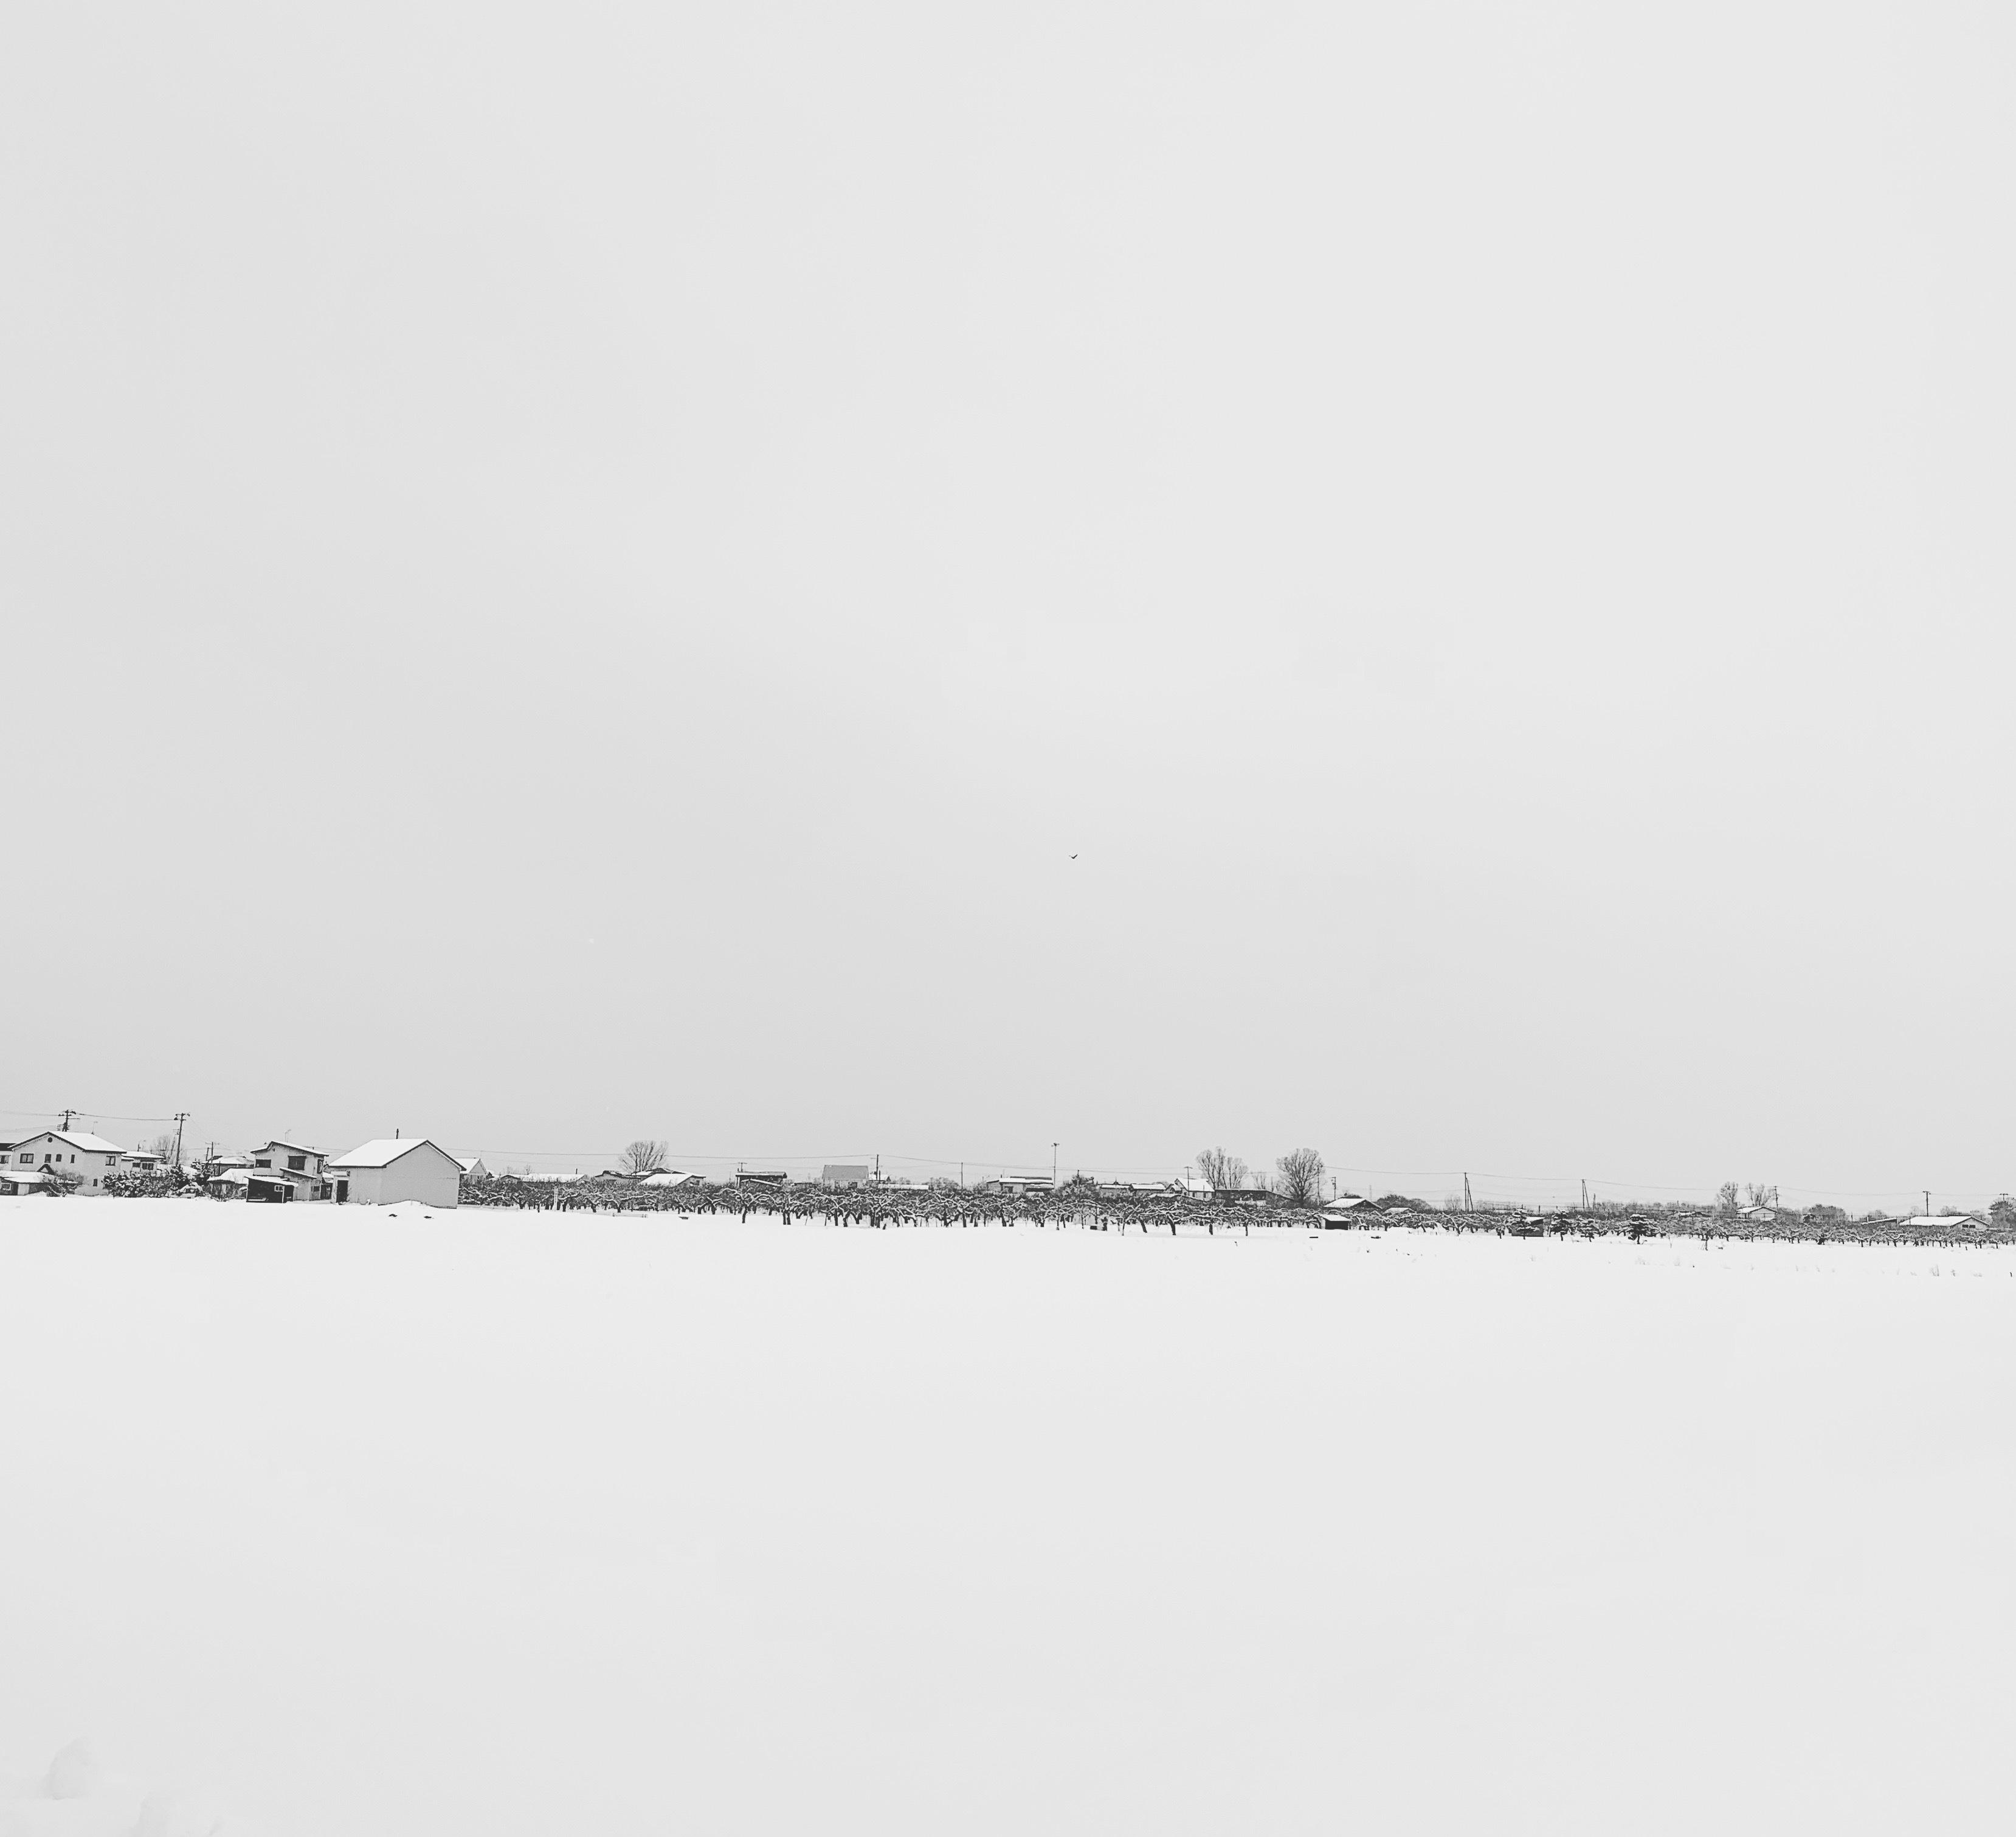 近所の雪景色